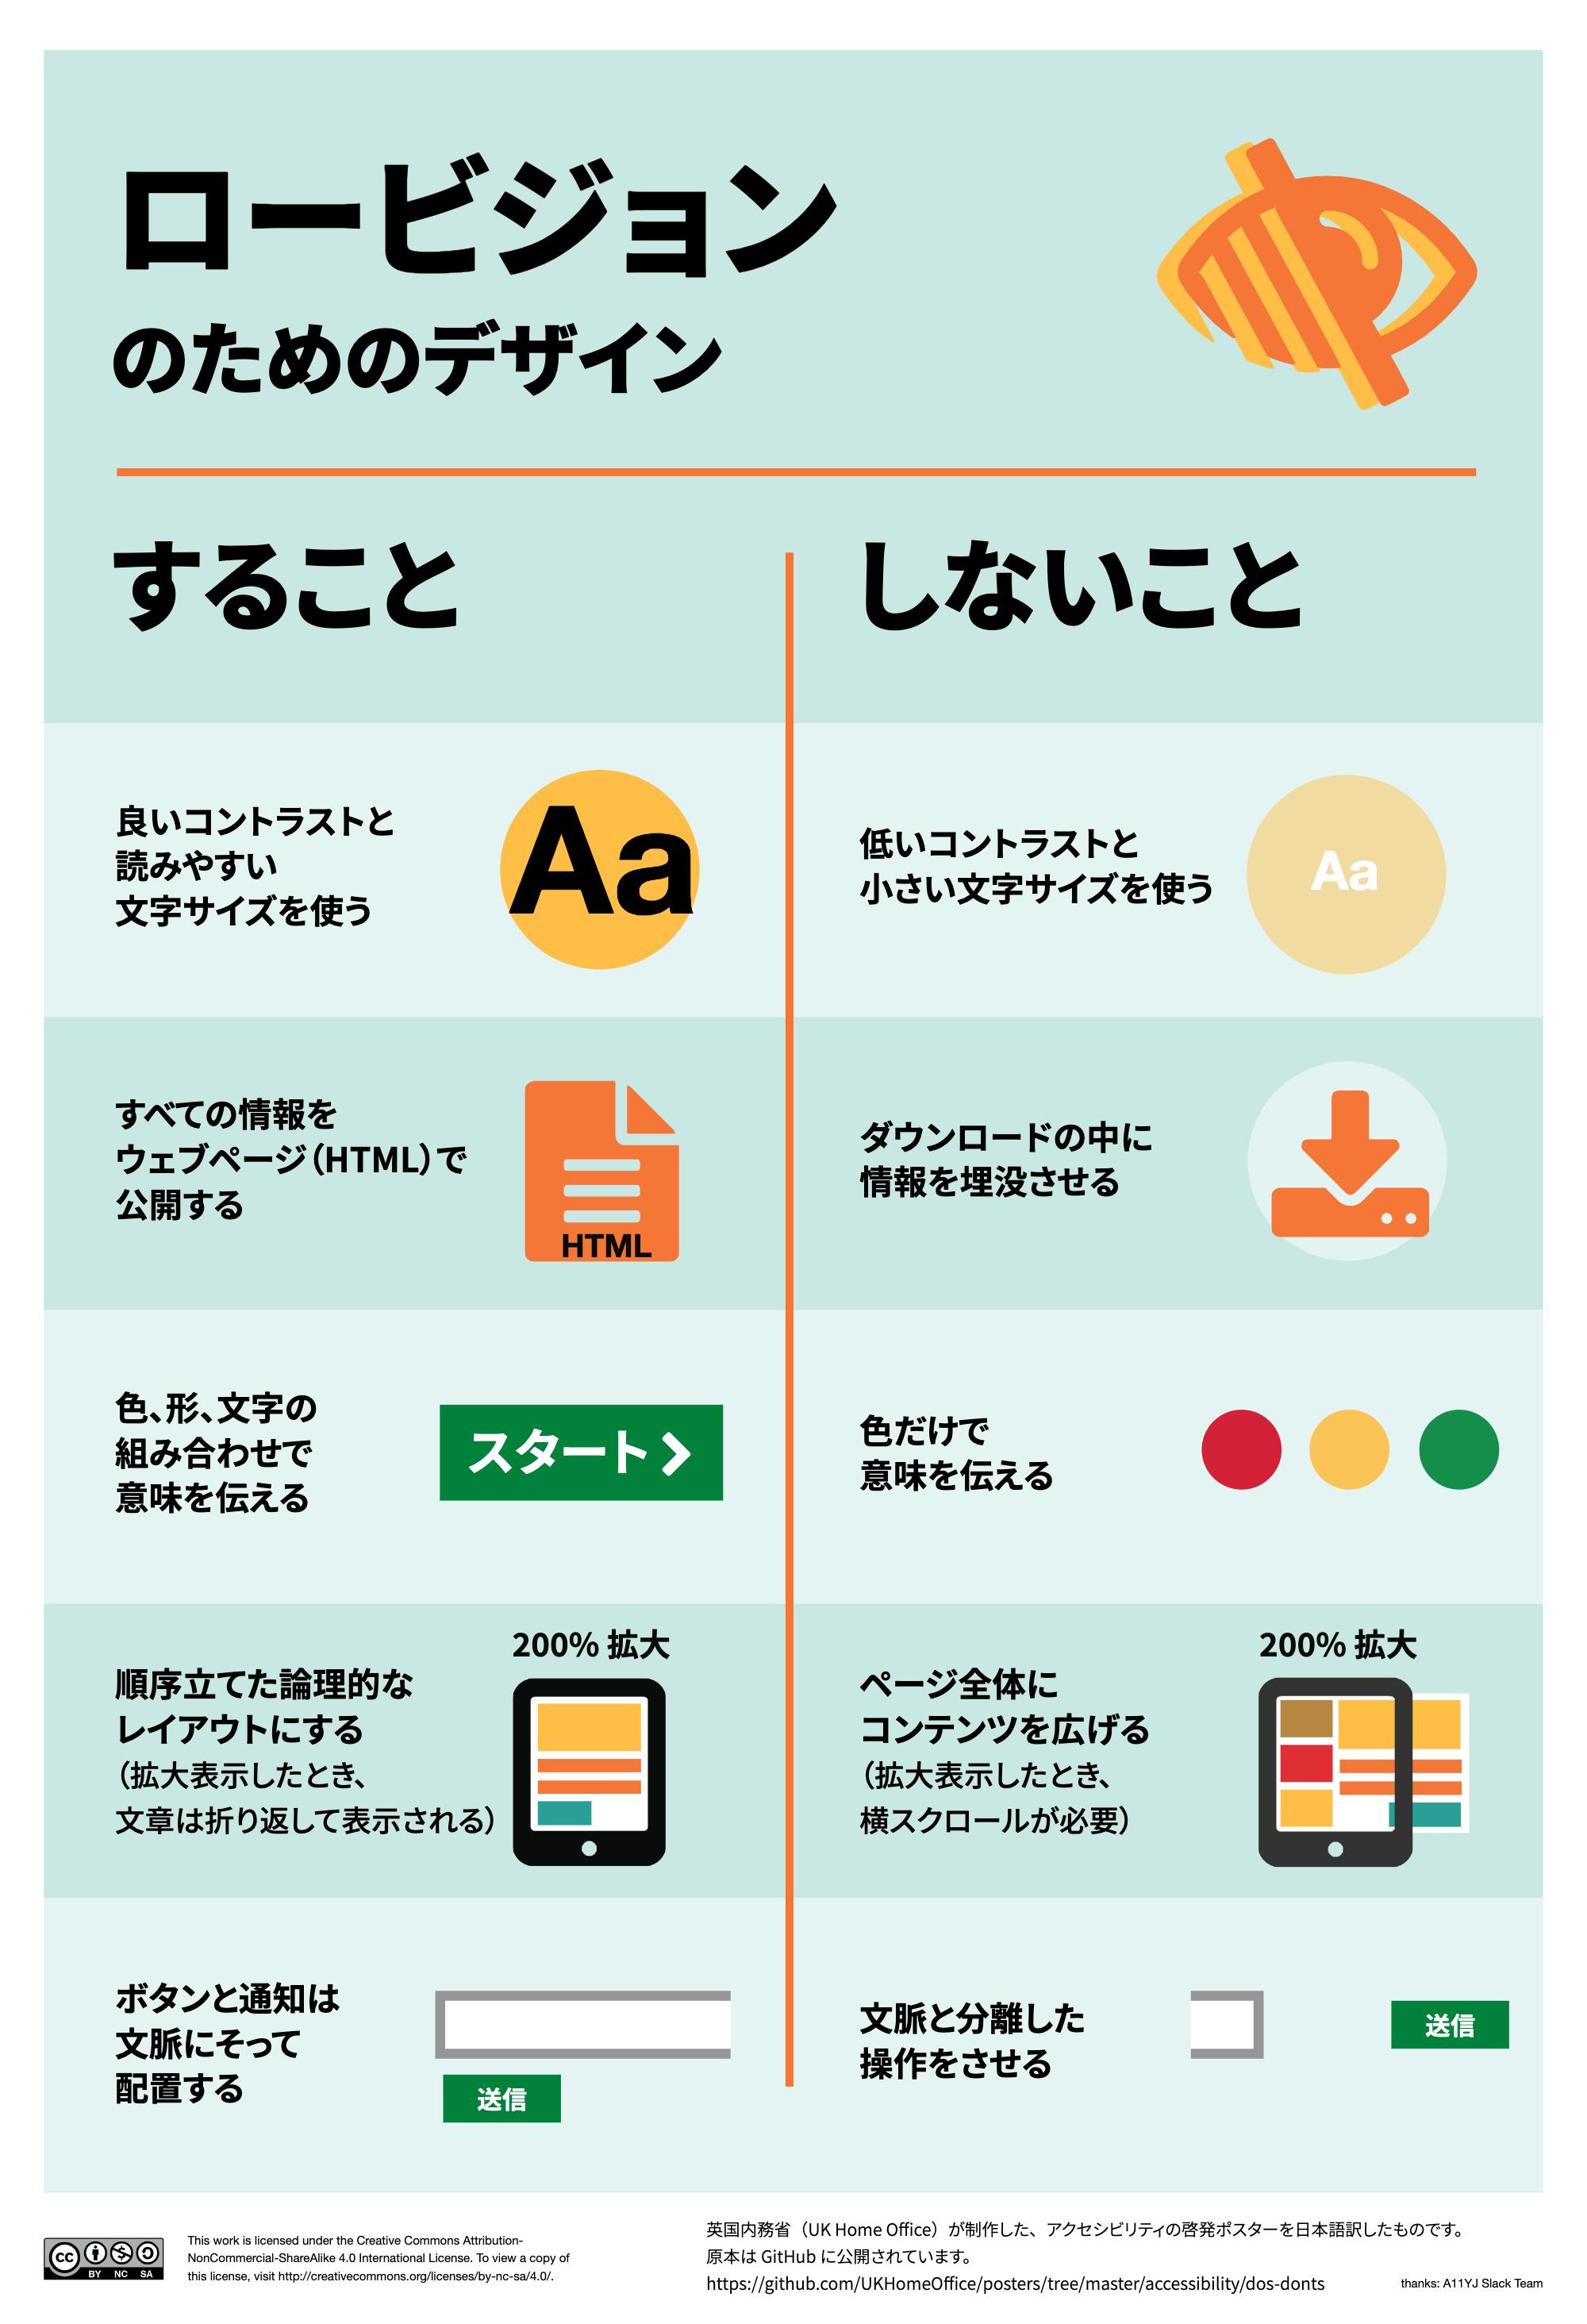 すること、良いコントラストと読みやすい文字サイズを使う、すべての情報をウェブページで公開する、色、形、文字の組み合わせで意味を伝える、順序立てた論理的なレイアウトにする、ボタンと通知は文脈に沿って配置する。しないこと、低いコントランスと小さい文字サイズを使う、ダウンロードの中に情報を埋没させる、色だけで意味を伝える、ページ全体にコンテンツを広げる、文脈と分離した操作をさせる